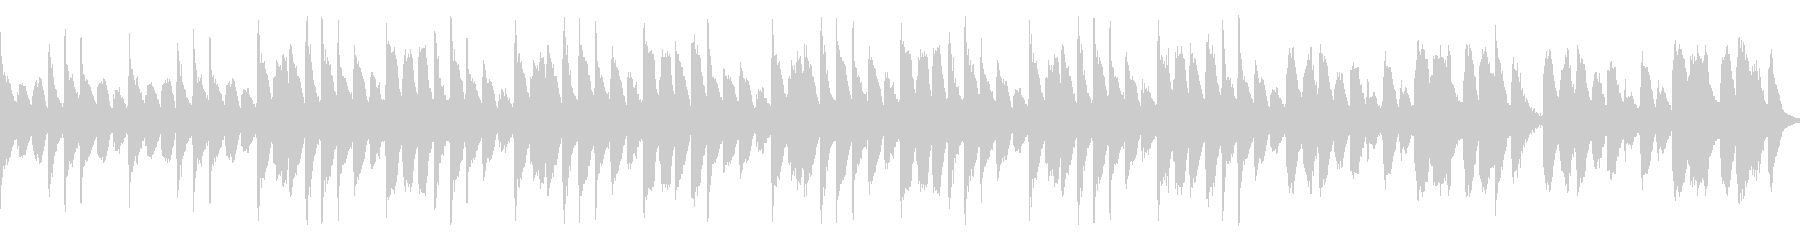 明るくわくわくするようなループBGMの未再生の波形